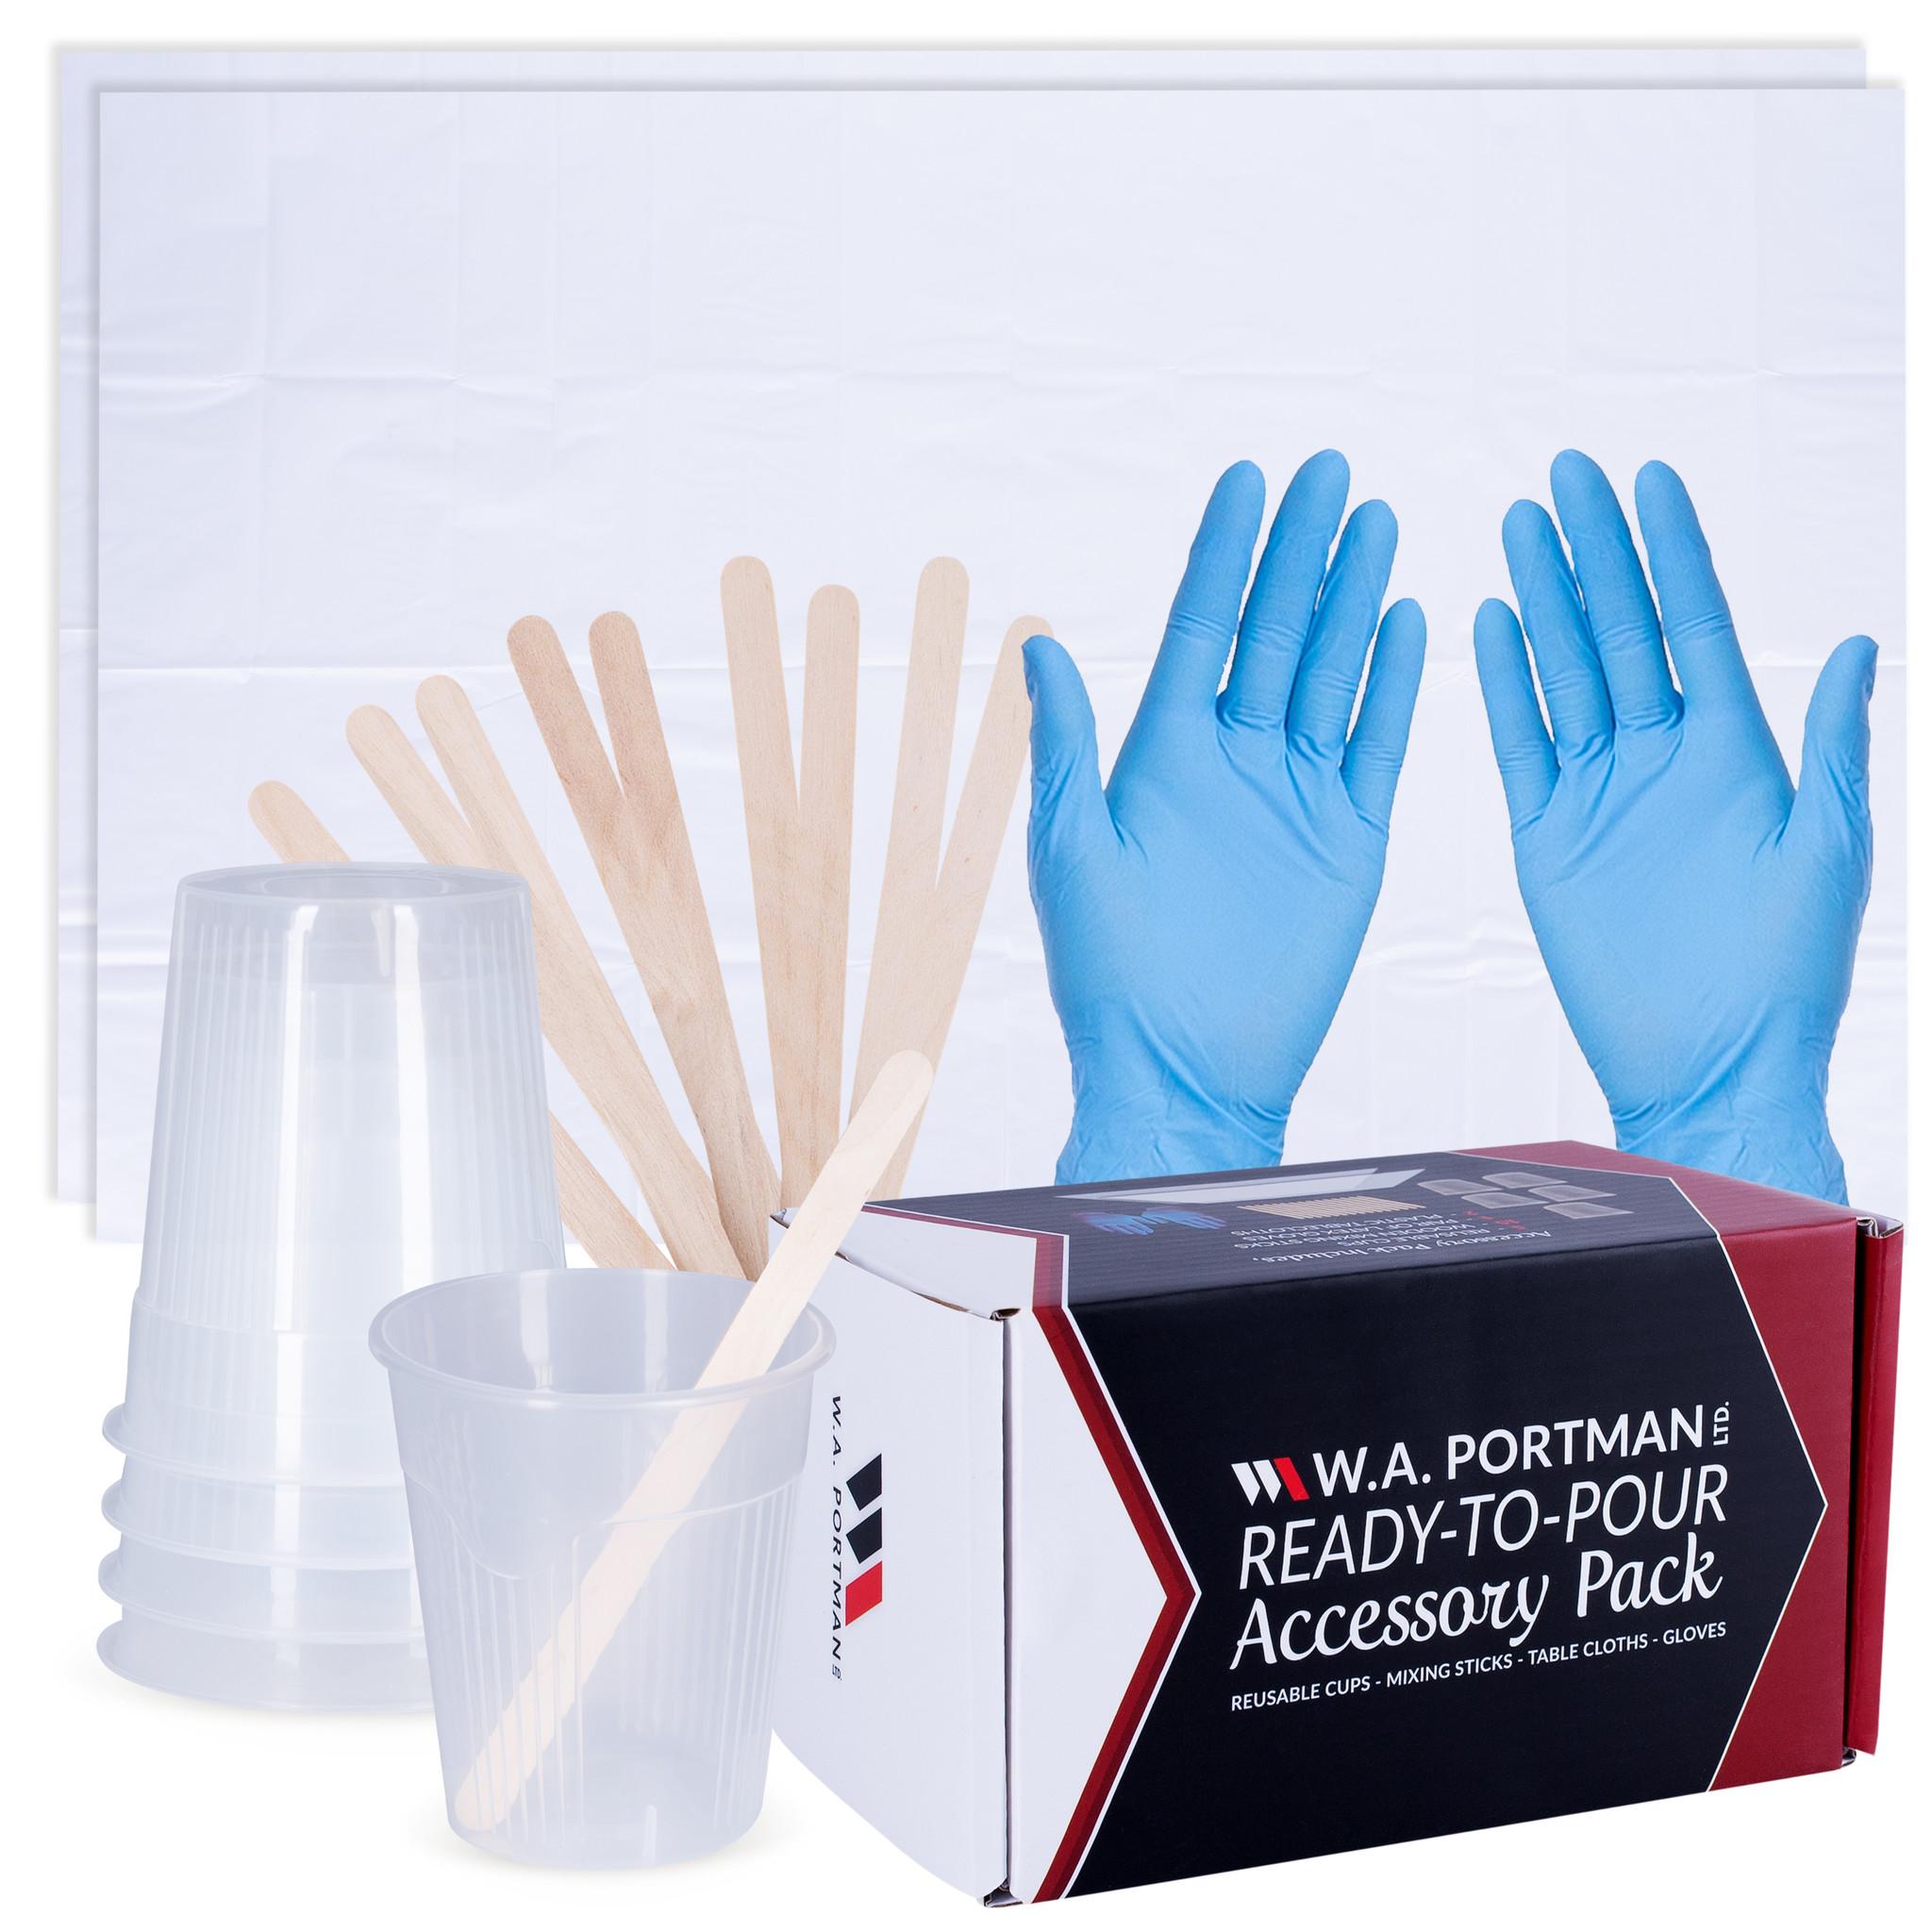 W.A. Portman Paint Pouring Accessory Kit